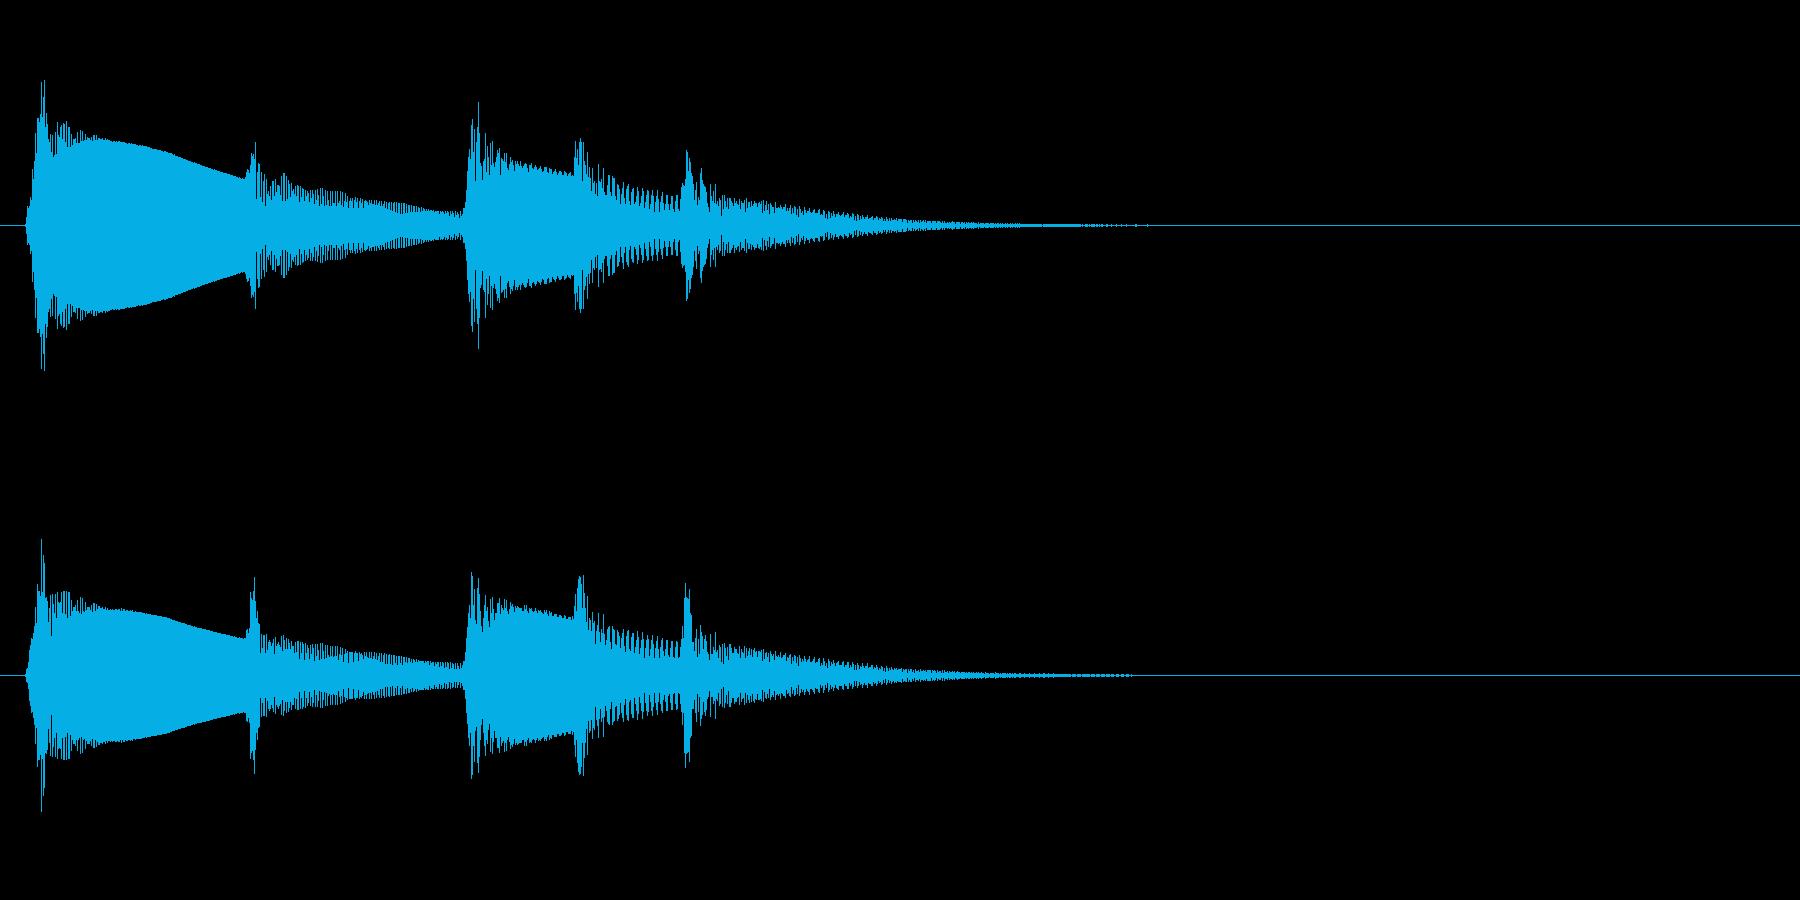 カリンバ「ティントンティトティン」電話音の再生済みの波形